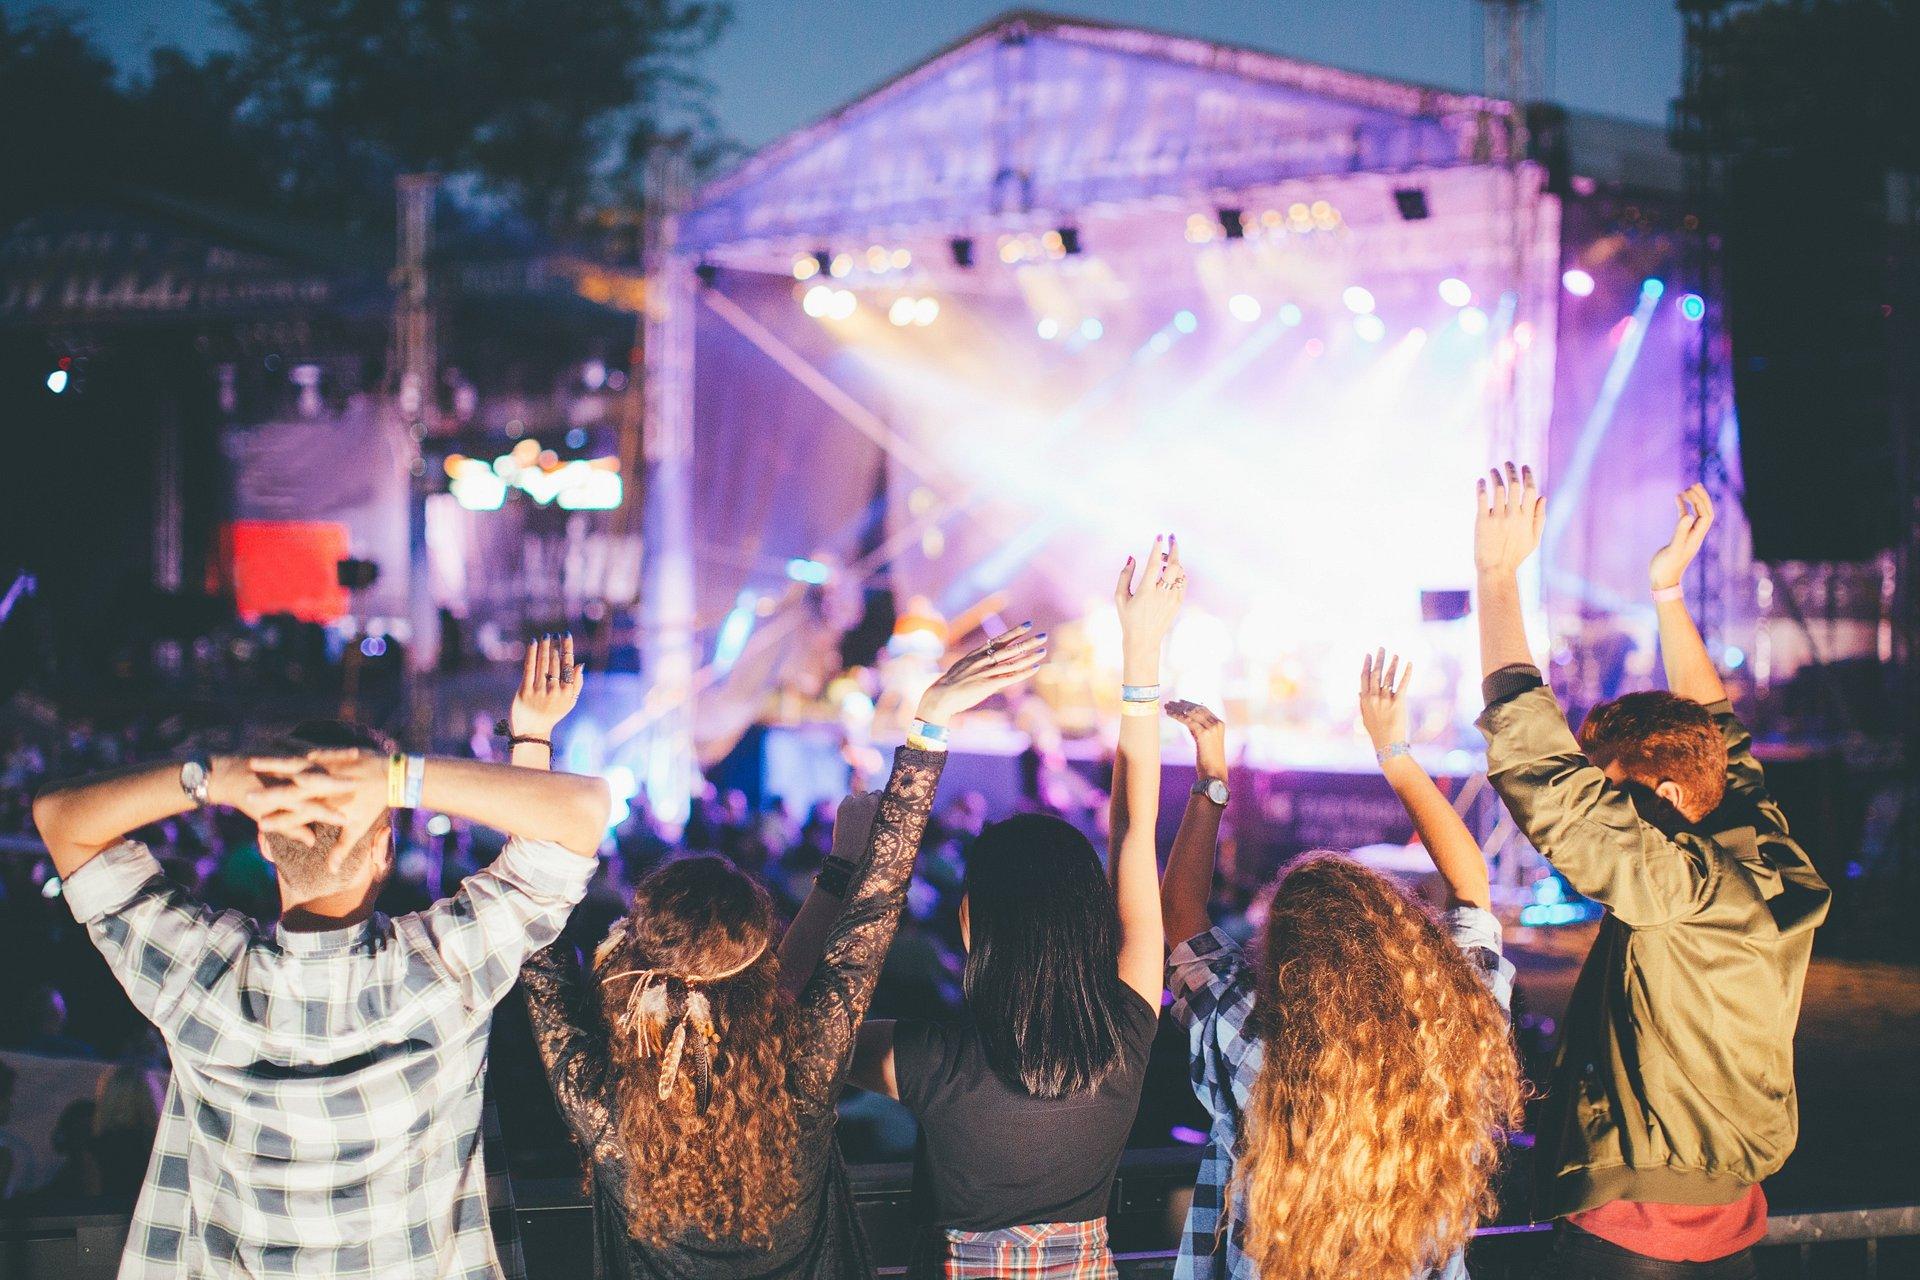 Rusza sezon festiwali! Daj się ponieść muzycznej atmosferze w wakacyjnym stylu